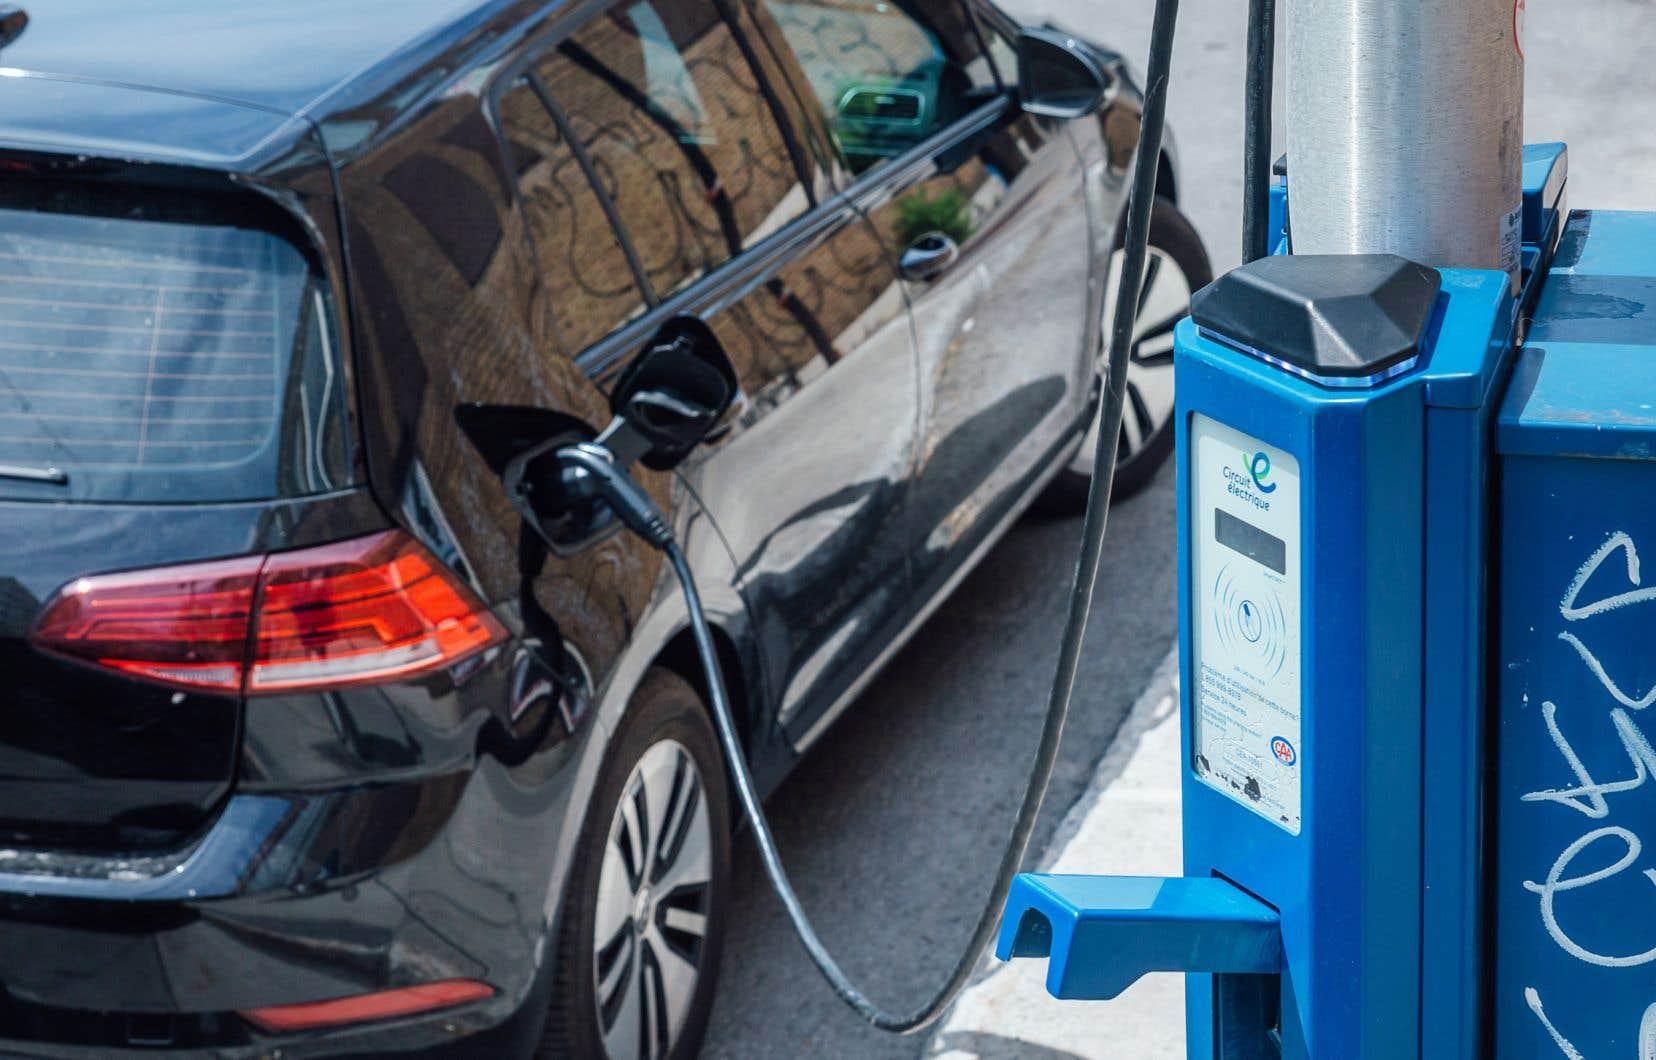 La recharge de batteries demande beaucoup d'énergie, mais une trop grande demande sur le réseau peut entraîner des pannes d'électricité.